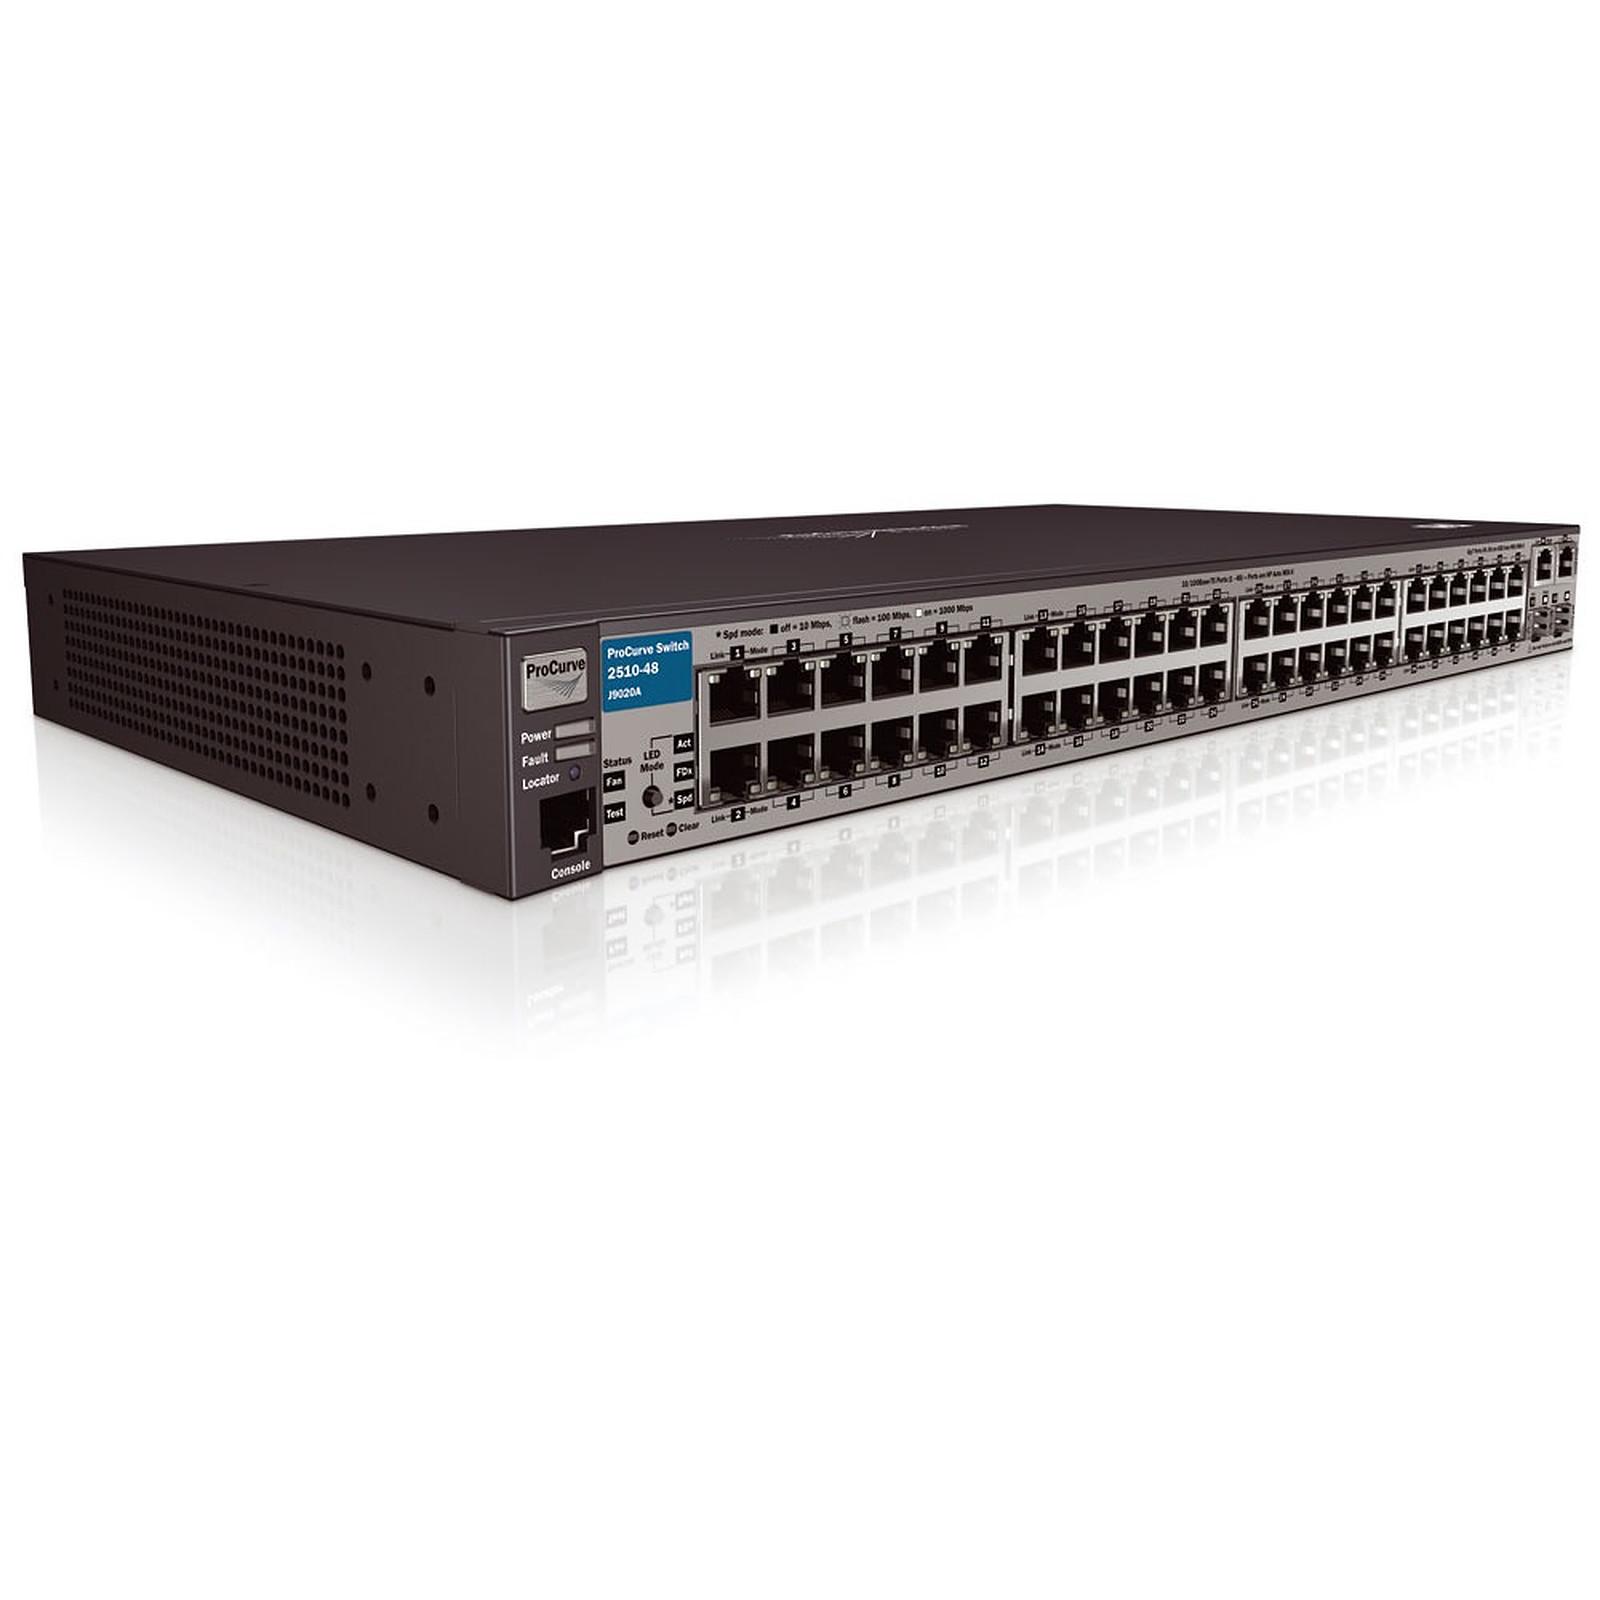 HP ProCurve 2510-48